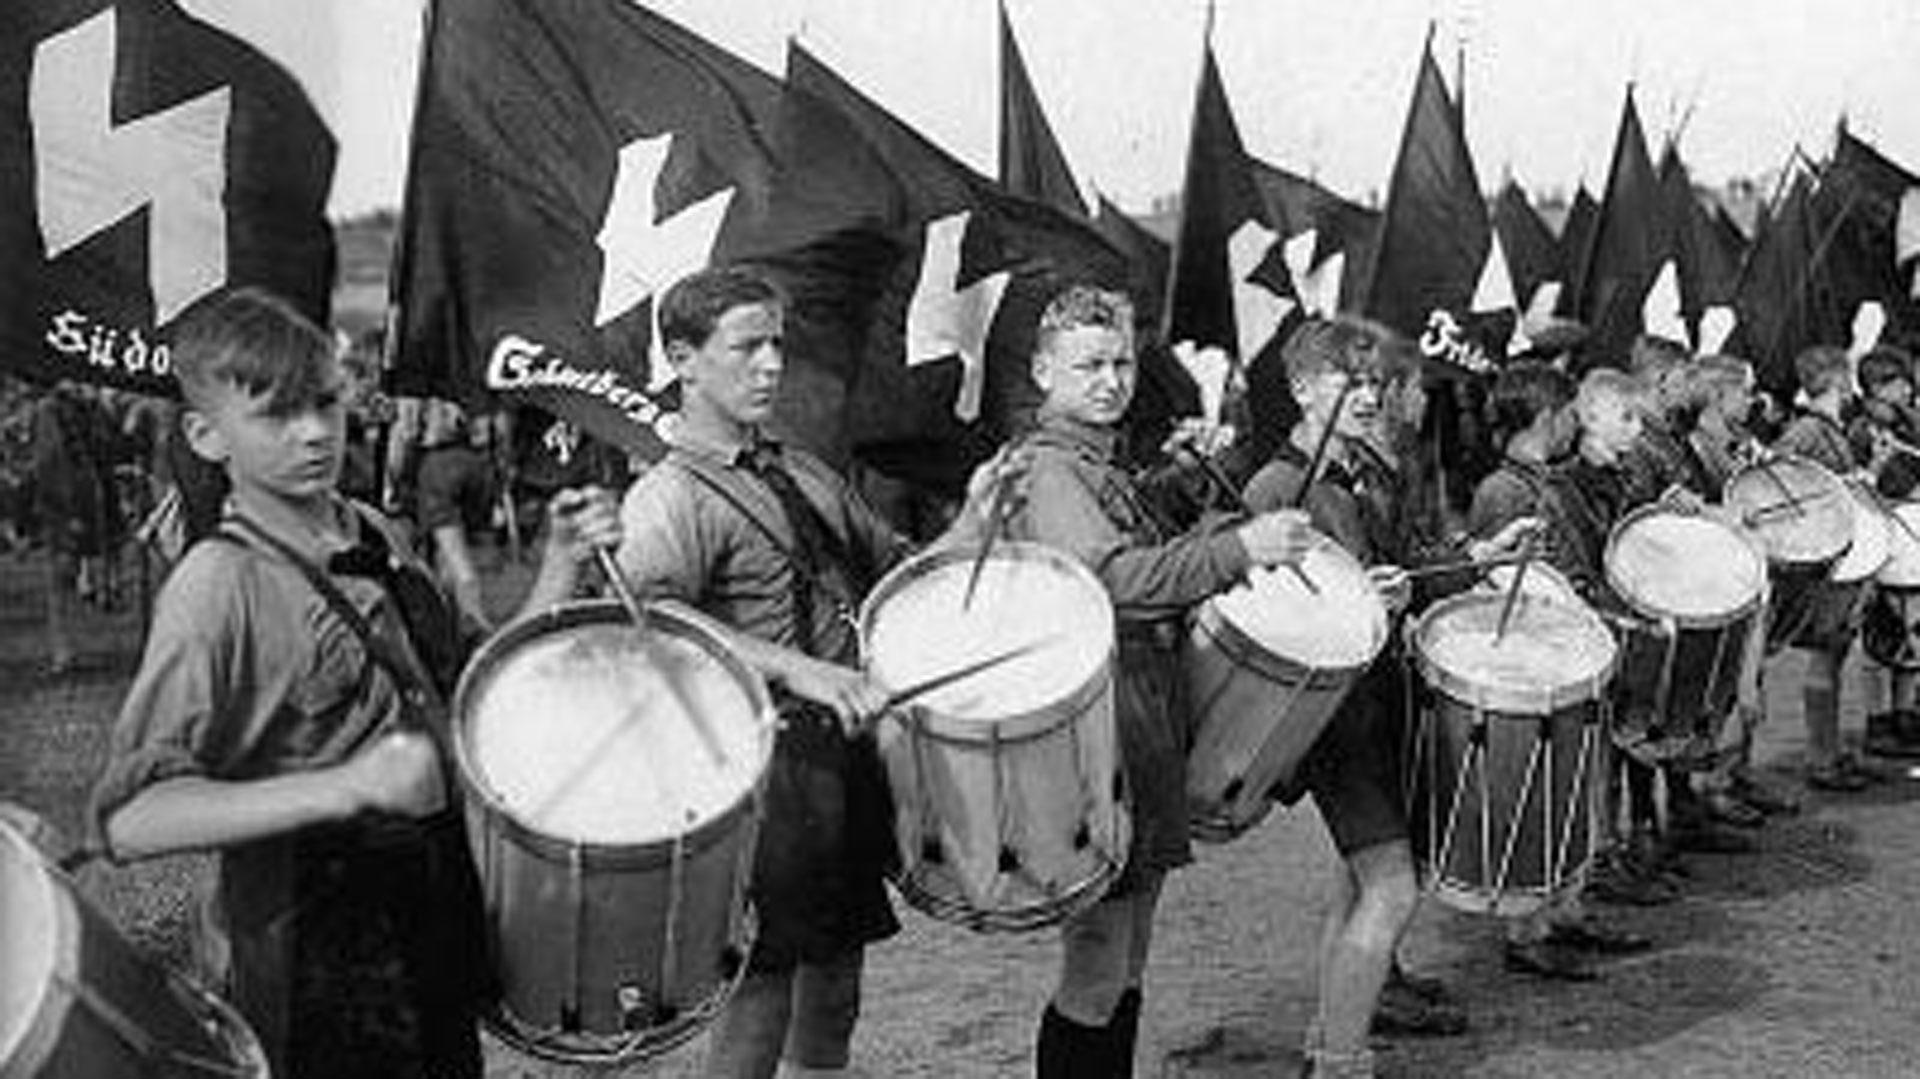 """Los """"valores"""" que se enseñaban eran el patriotismo, la camaradería y el fanatismo por Adolf Hitler"""